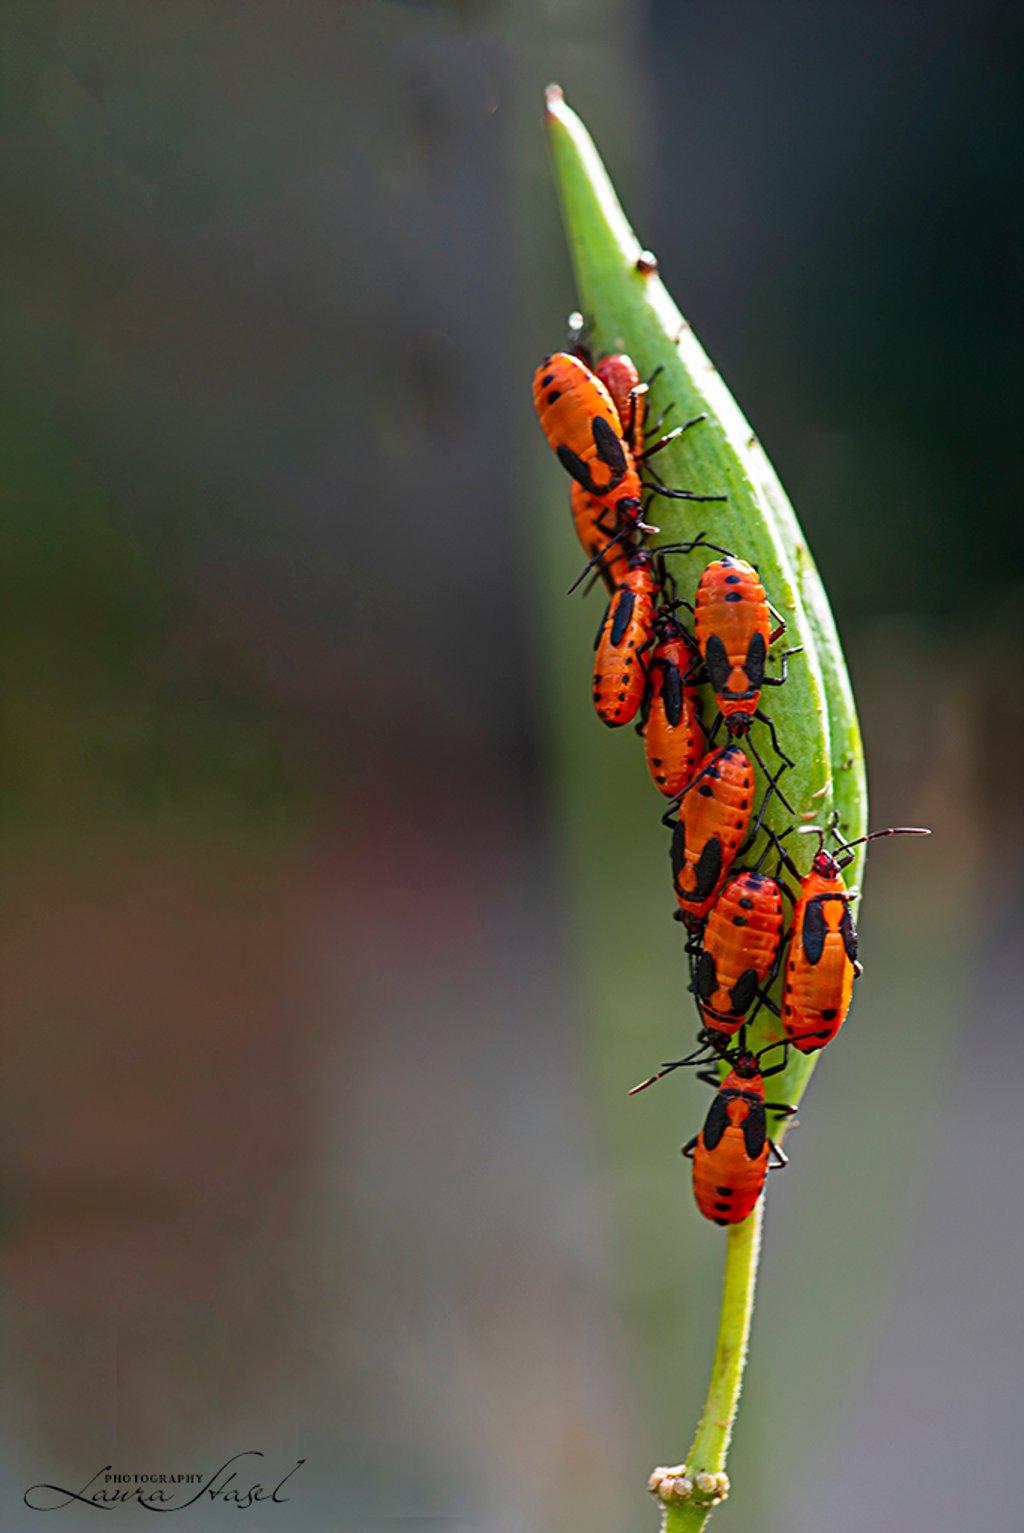 Milkweed Bugs by lstasel